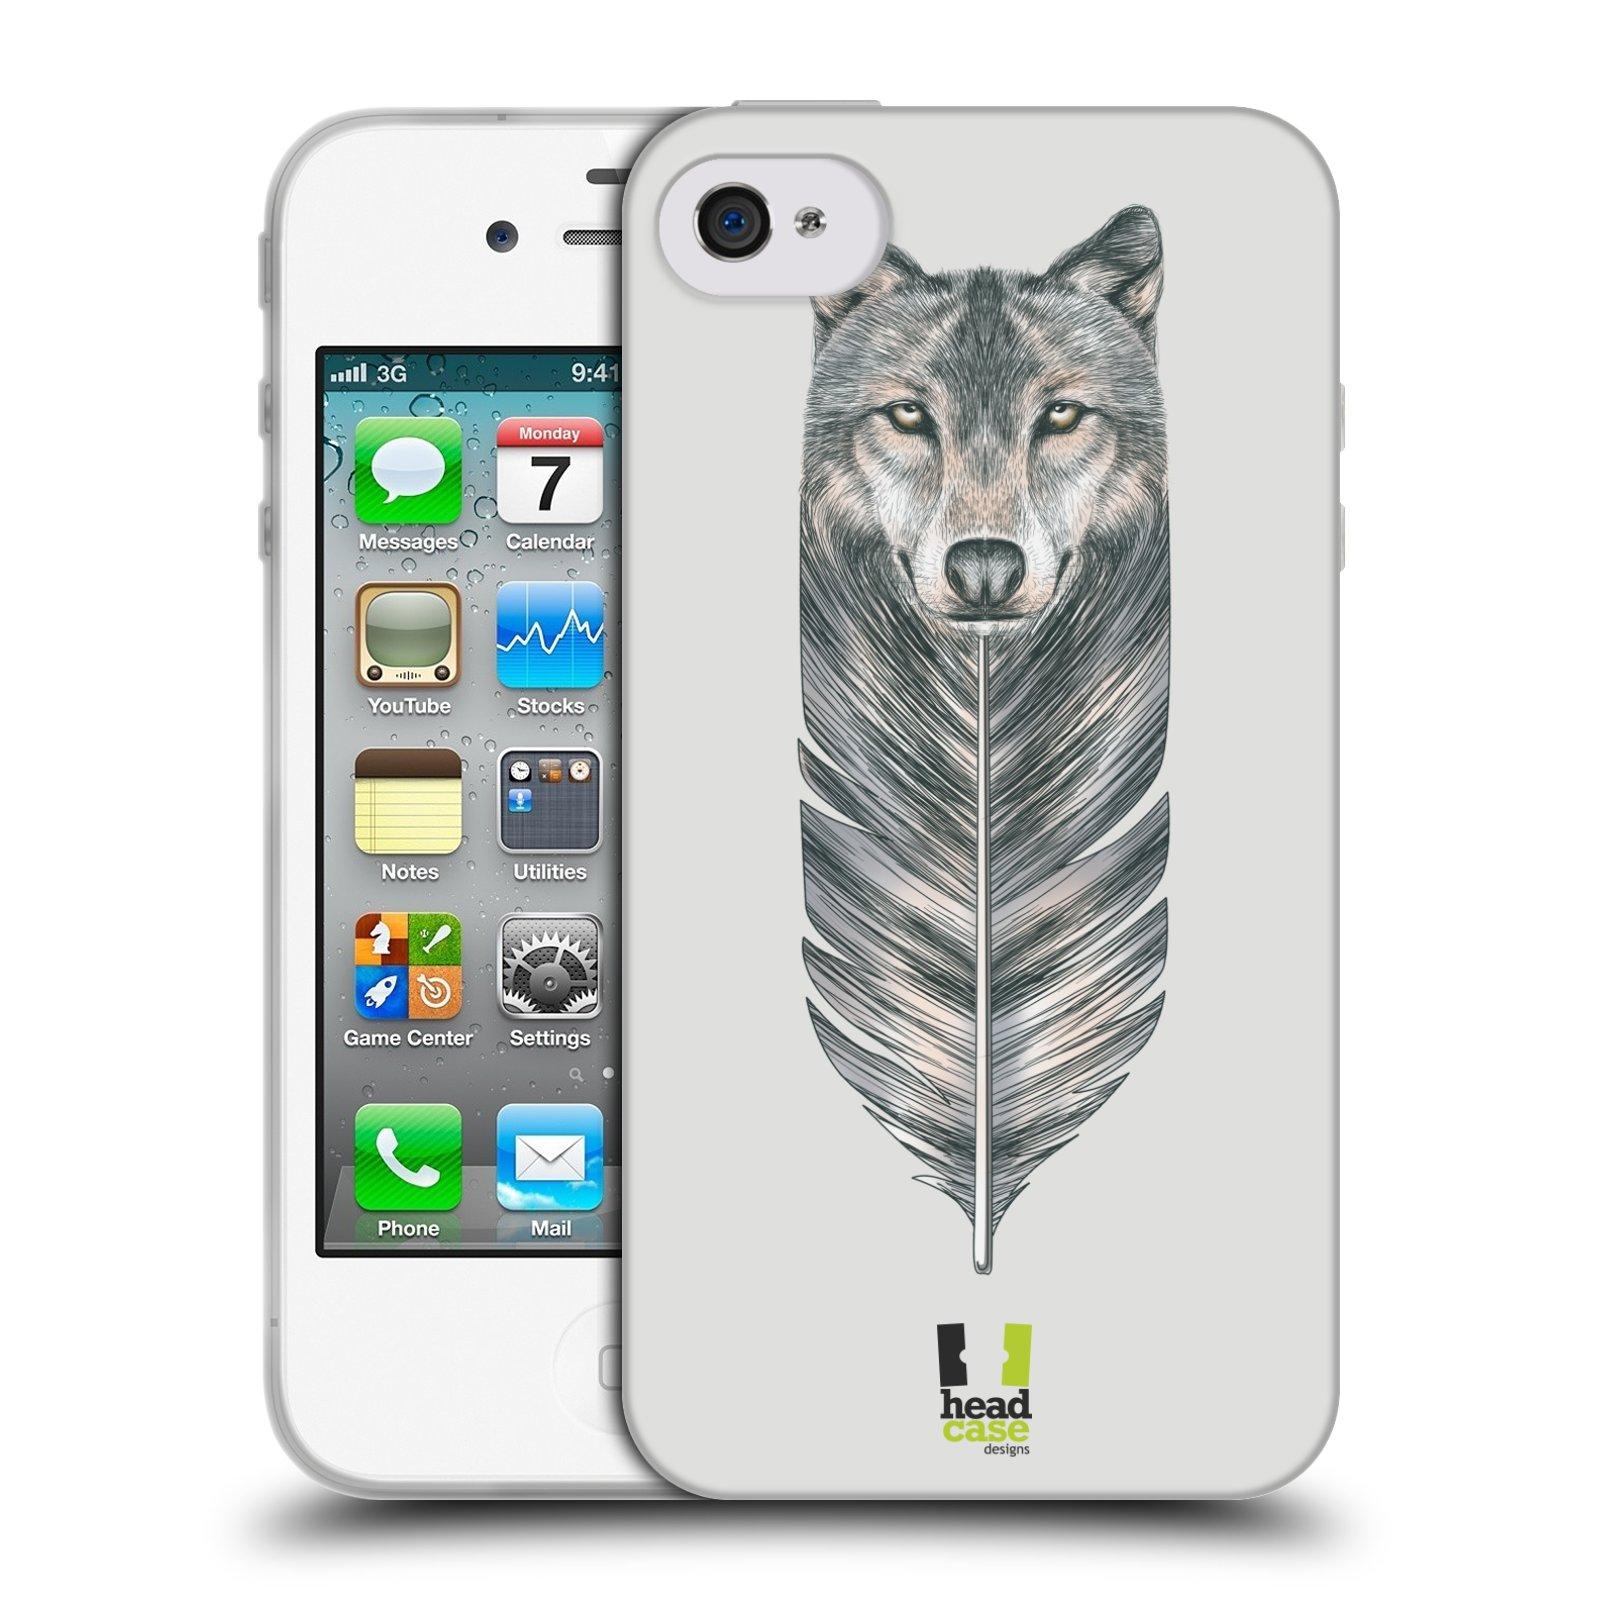 Silikonové pouzdro na mobil Apple iPhone 4 a 4S HEAD CASE PÍRKO VLK (Silikonový kryt či obal na mobilní telefon Apple iPhone 4 a 4S)